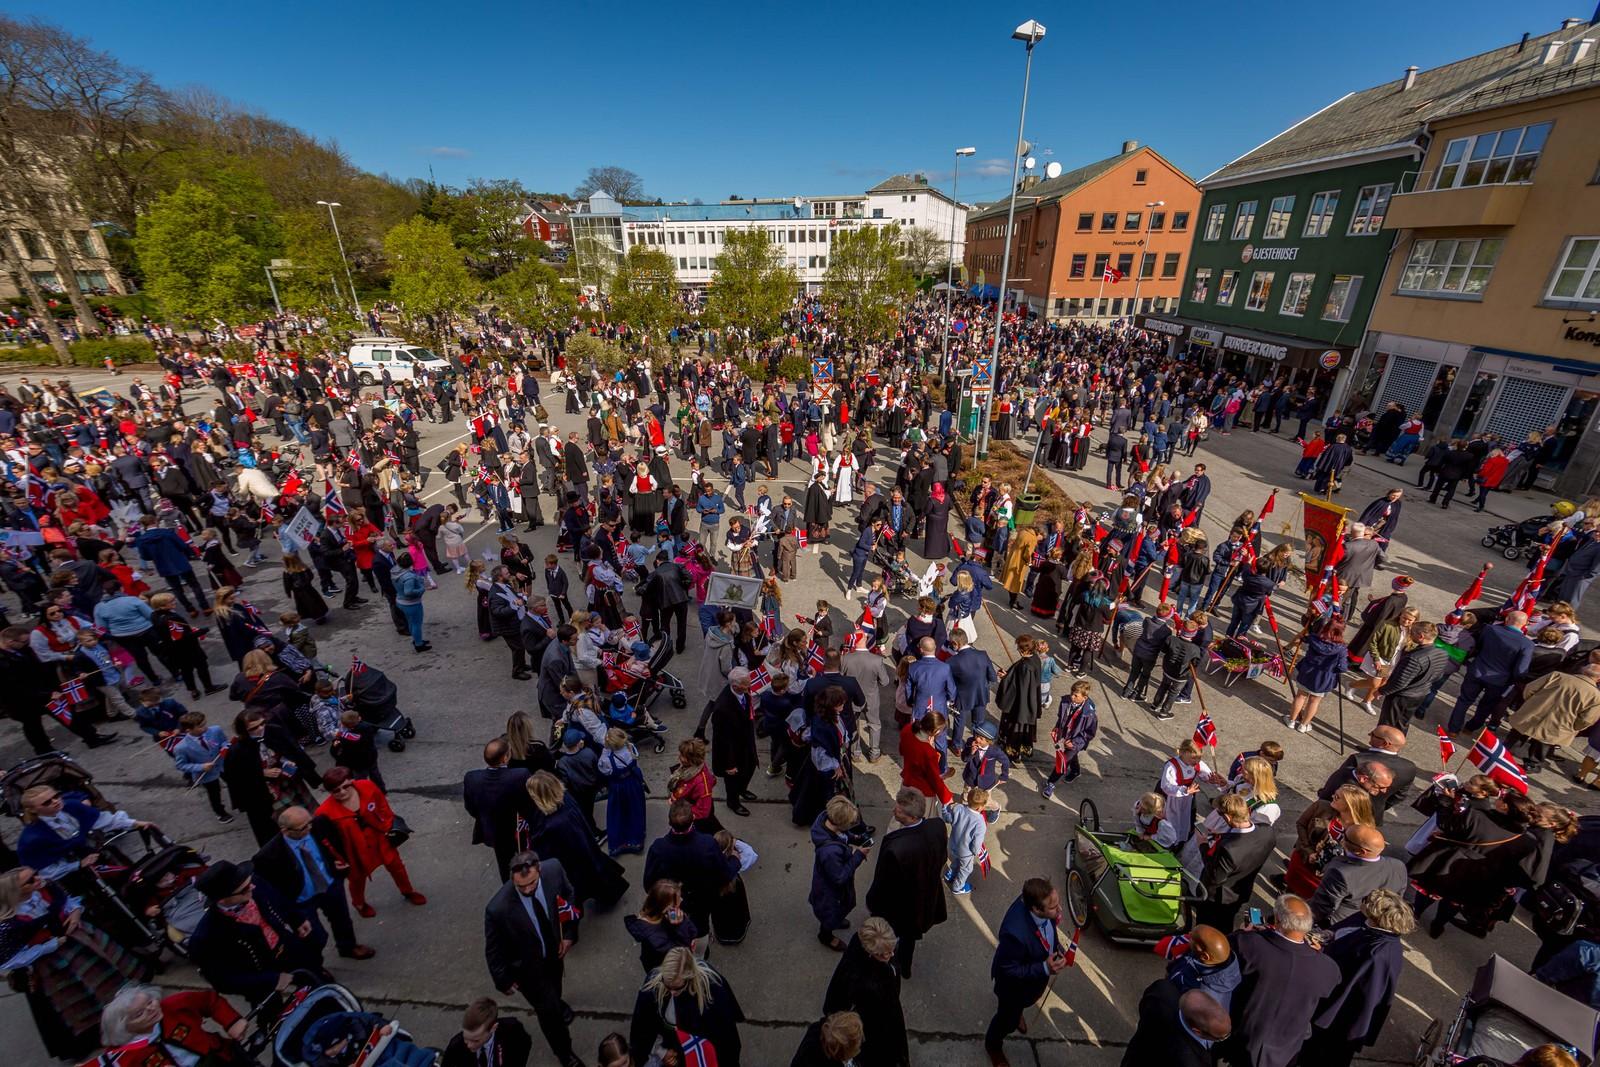 Mye folk på Kongens plass i Kristiansund. Barnetogene marsjerer inn.